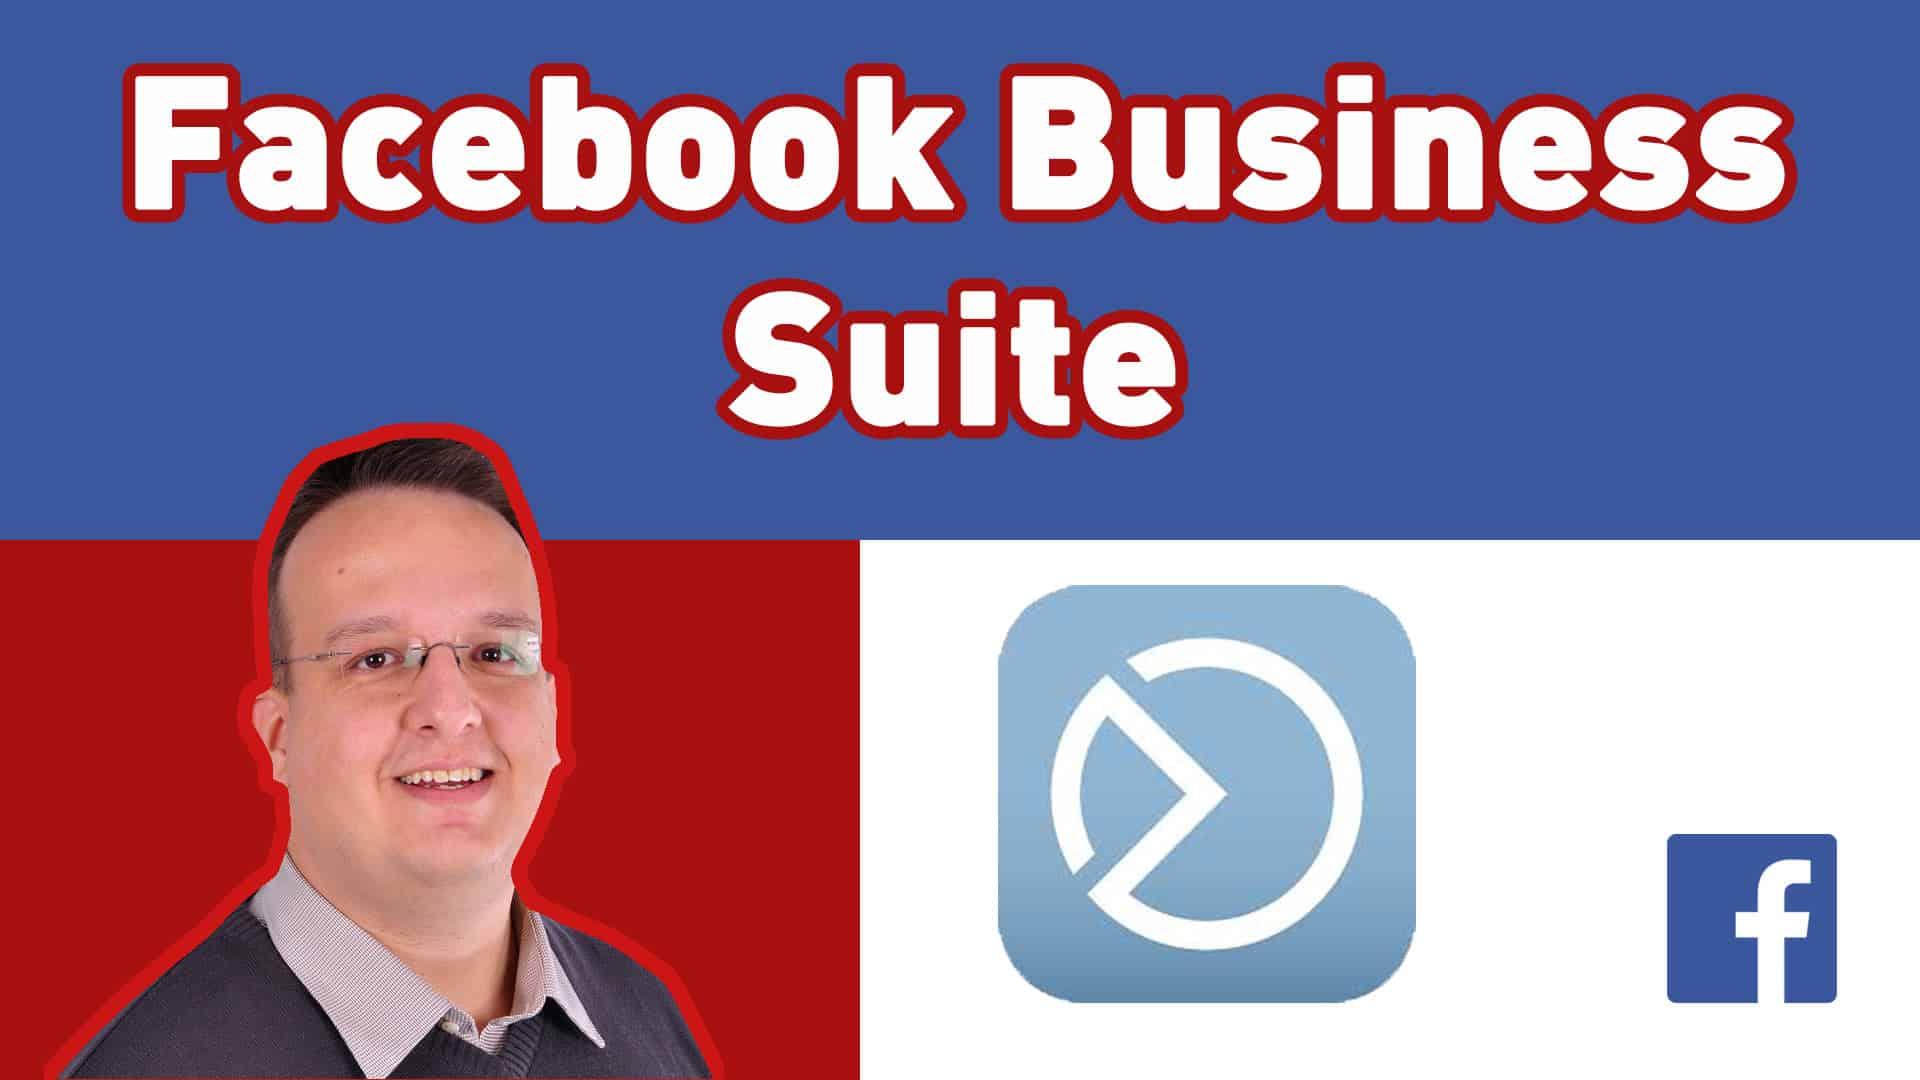 Facebook Business Suite kurz vorgestellt und erklärt - Home